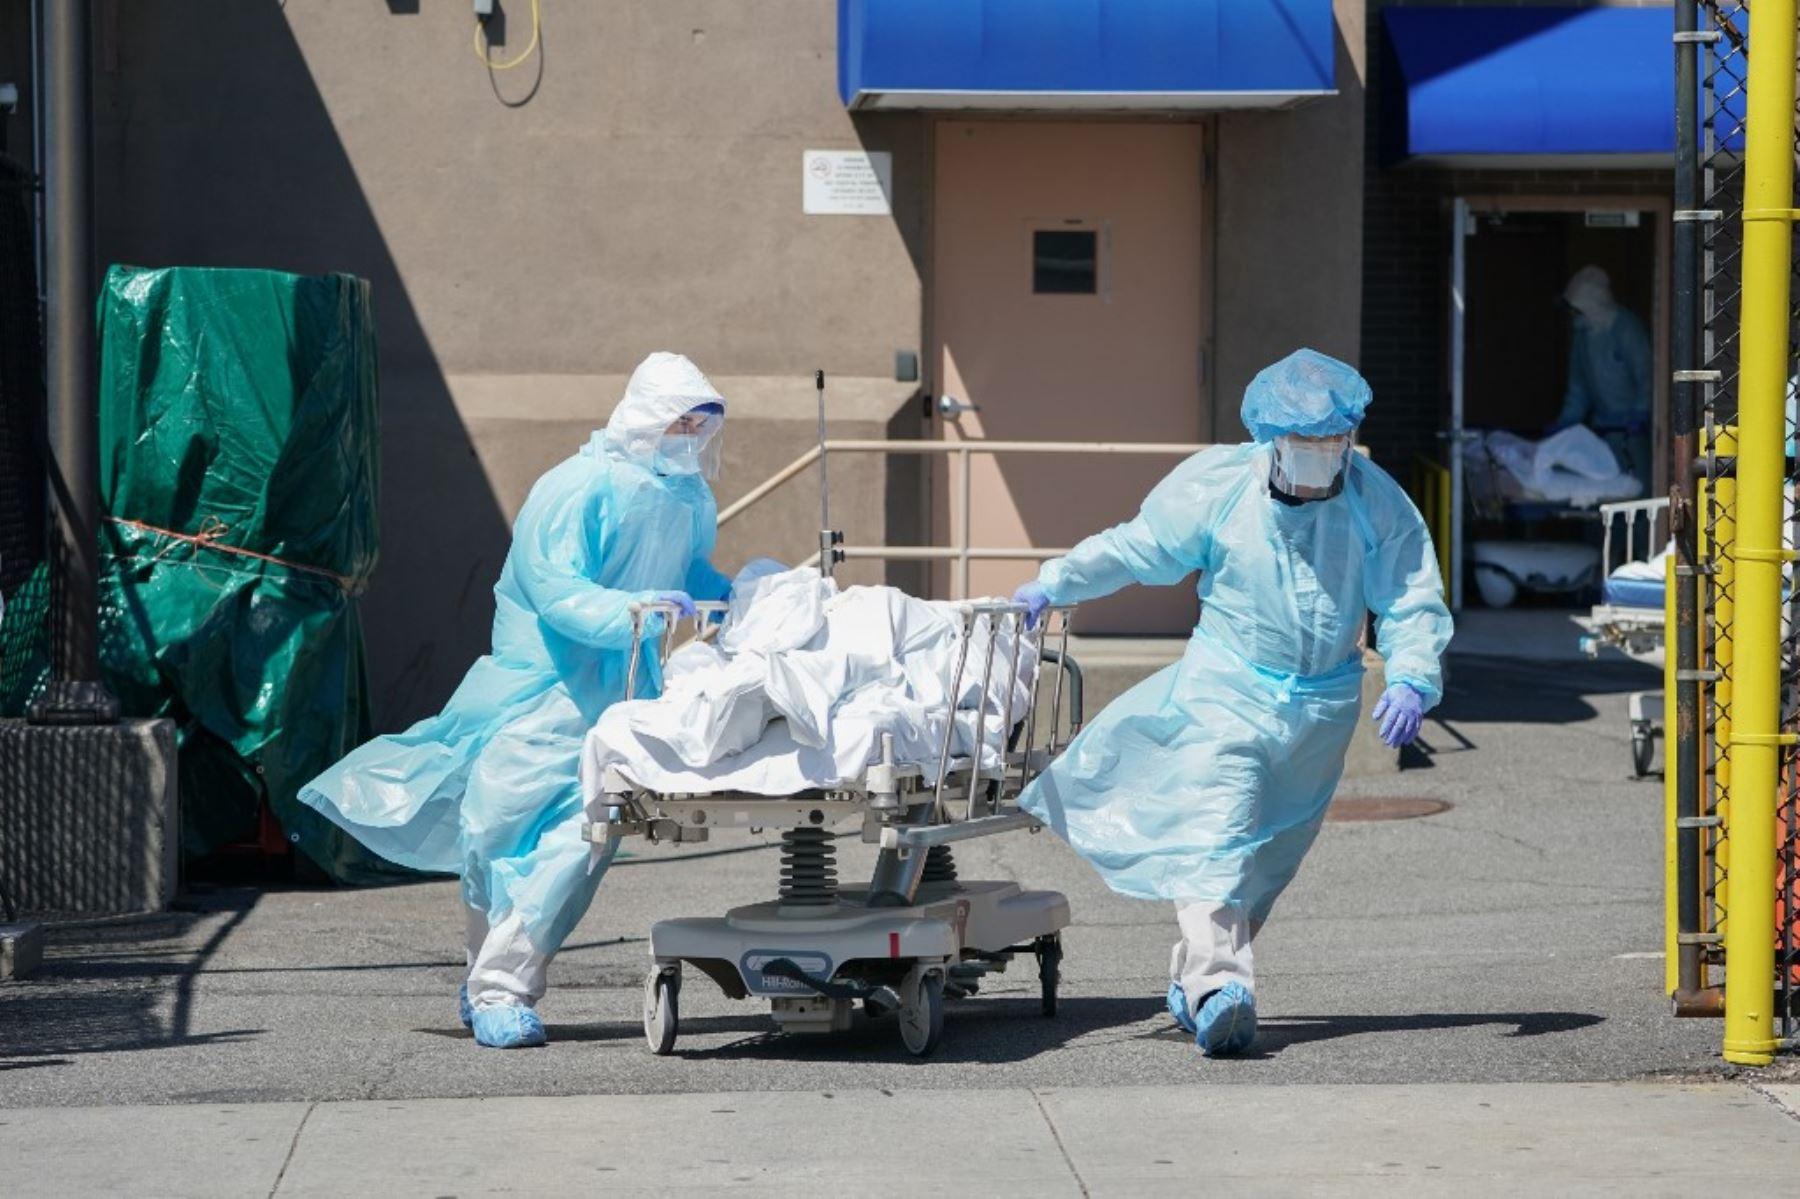 Los estragos del coronavirus comparados con otros virus mortales | Noticias